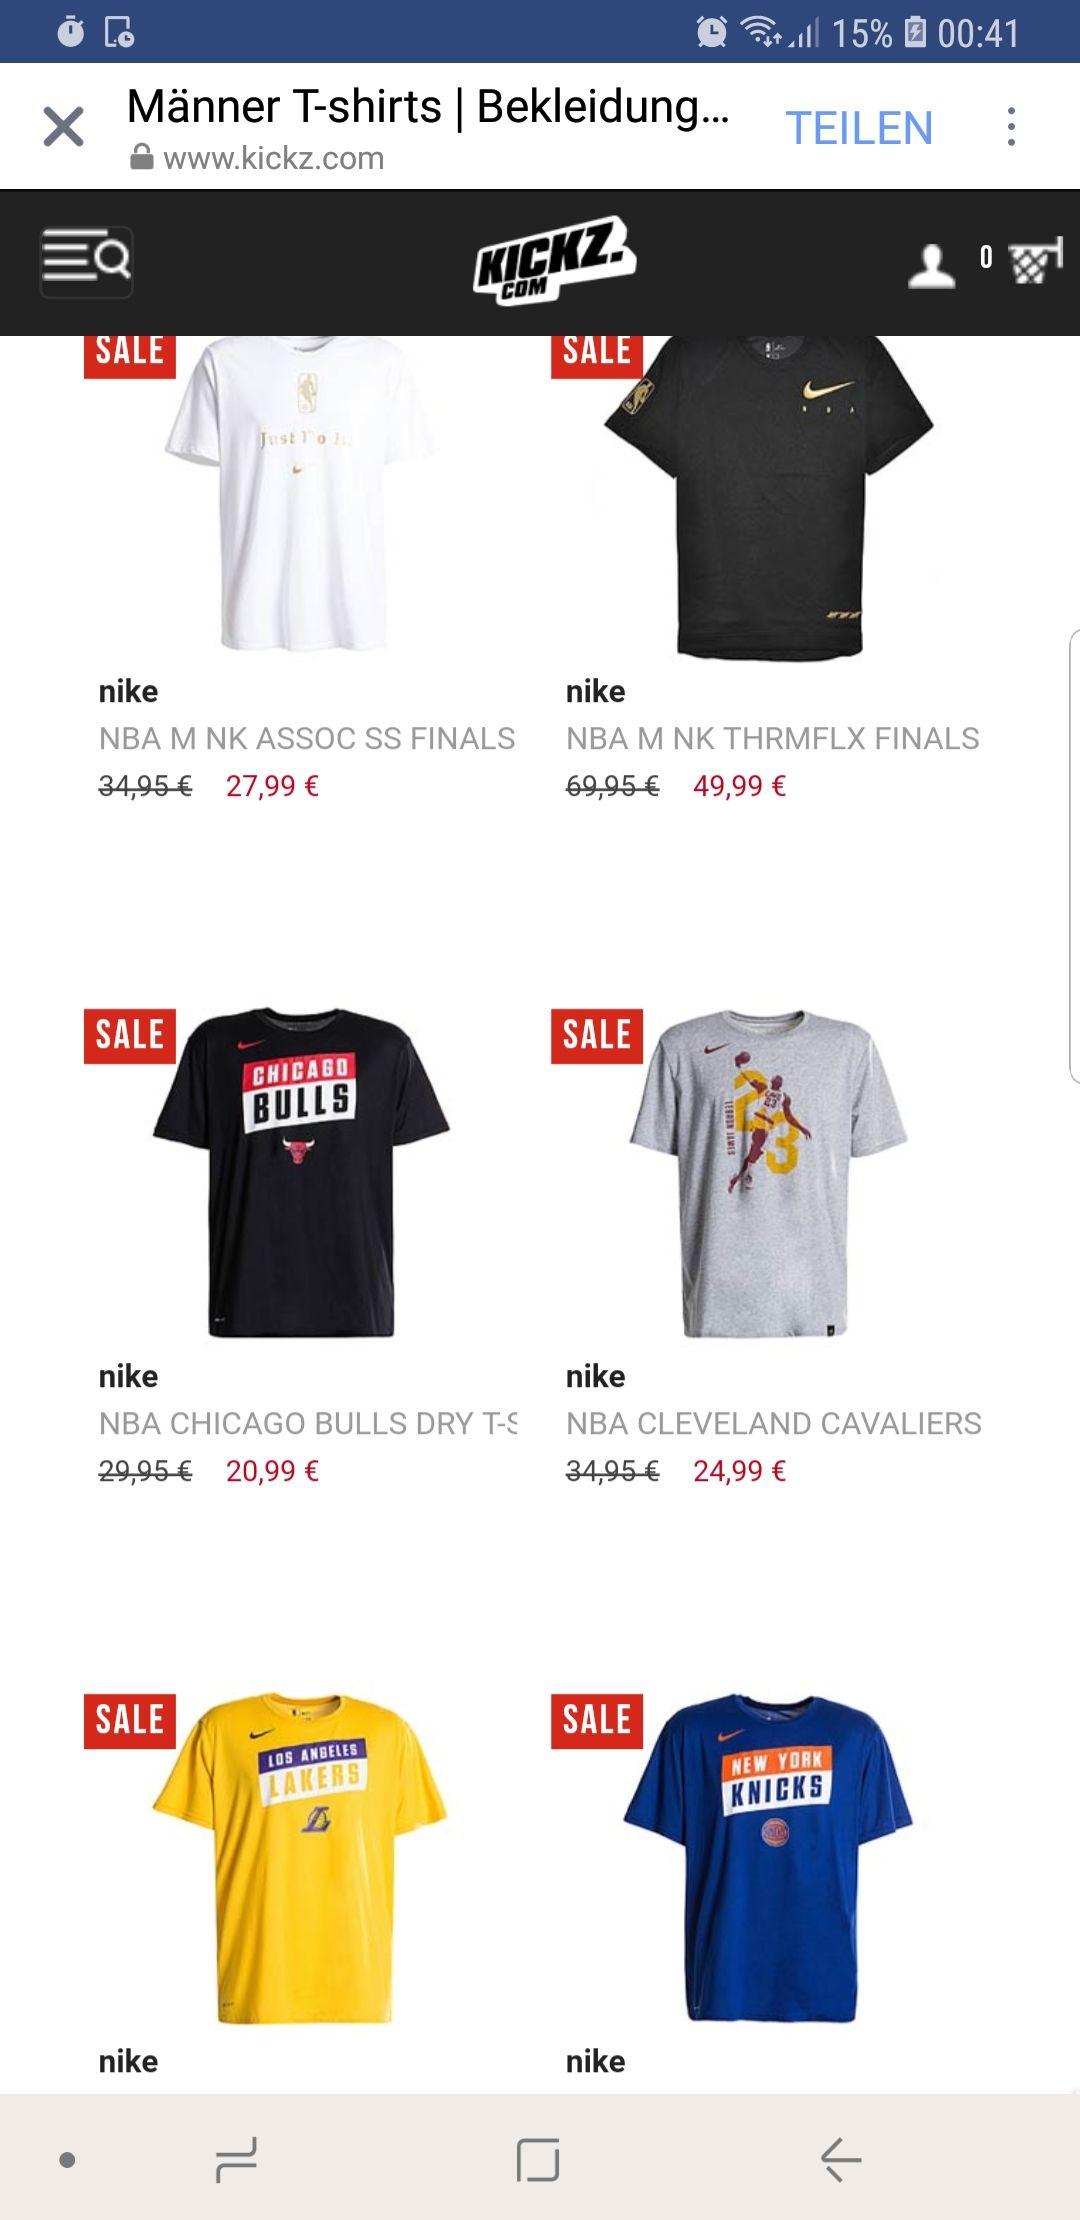 30% Rabatt auf NBA-Nike T-Shirts bei KICKZ.com - versandfrei